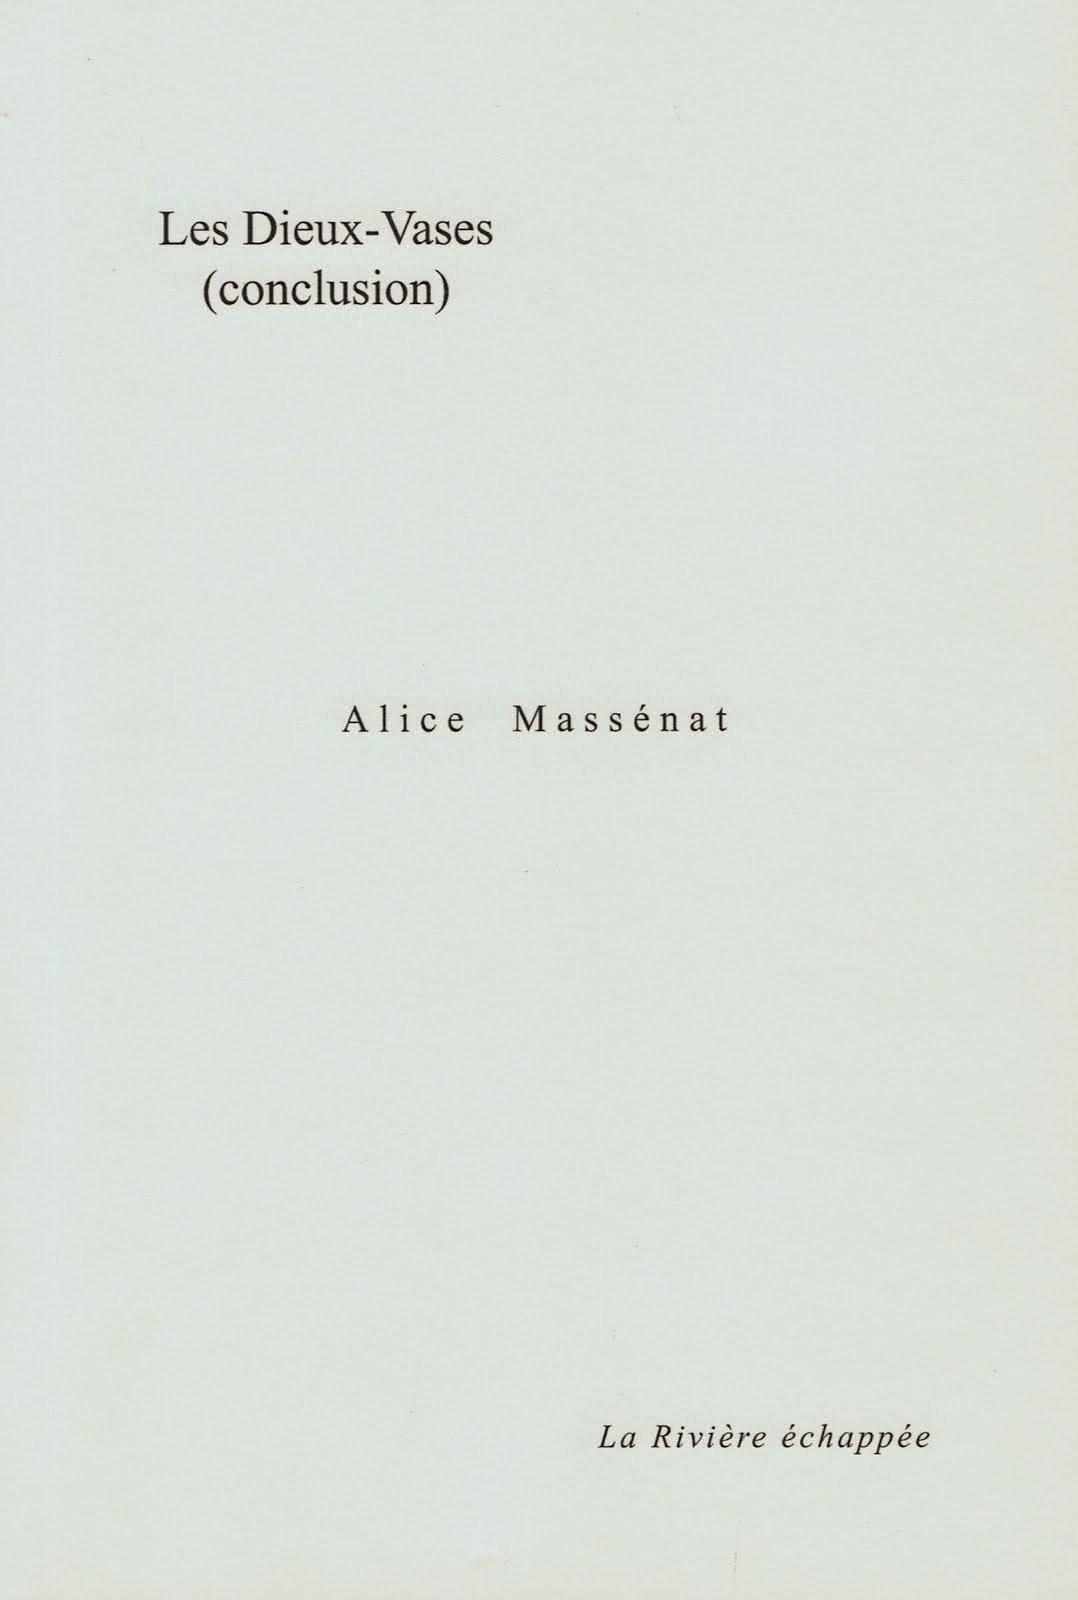 Alice MASSÉNAT, LES DIEUX-VASES (conclusion)